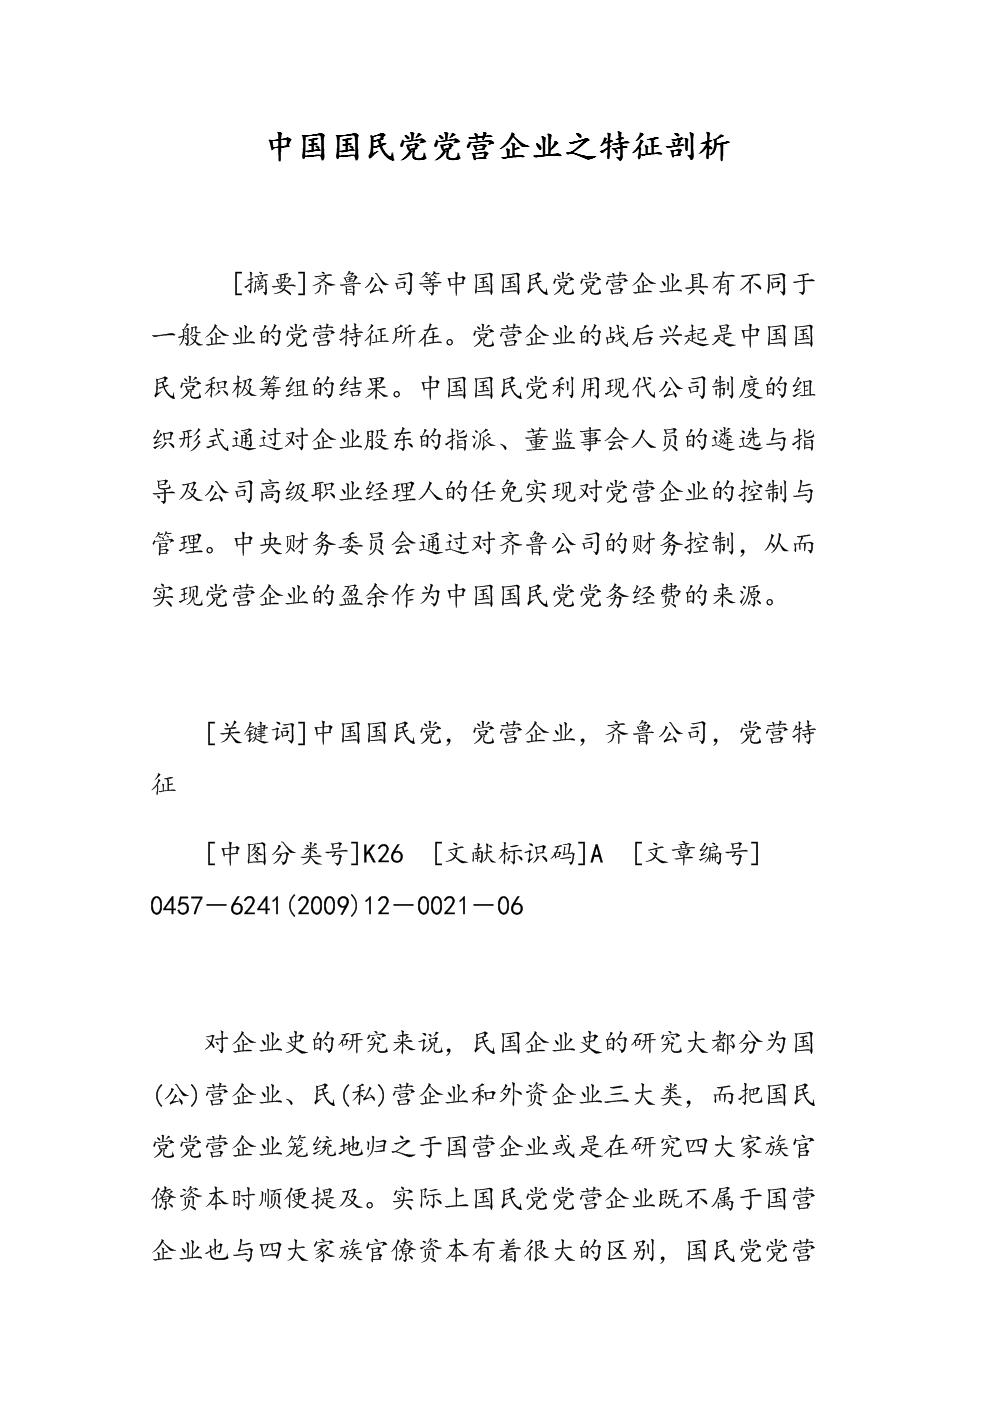 恒大国八条具体内容_至一九四八年夏天,国民党在大陆已经拥有了青岛齐鲁公司,天津恒大公司